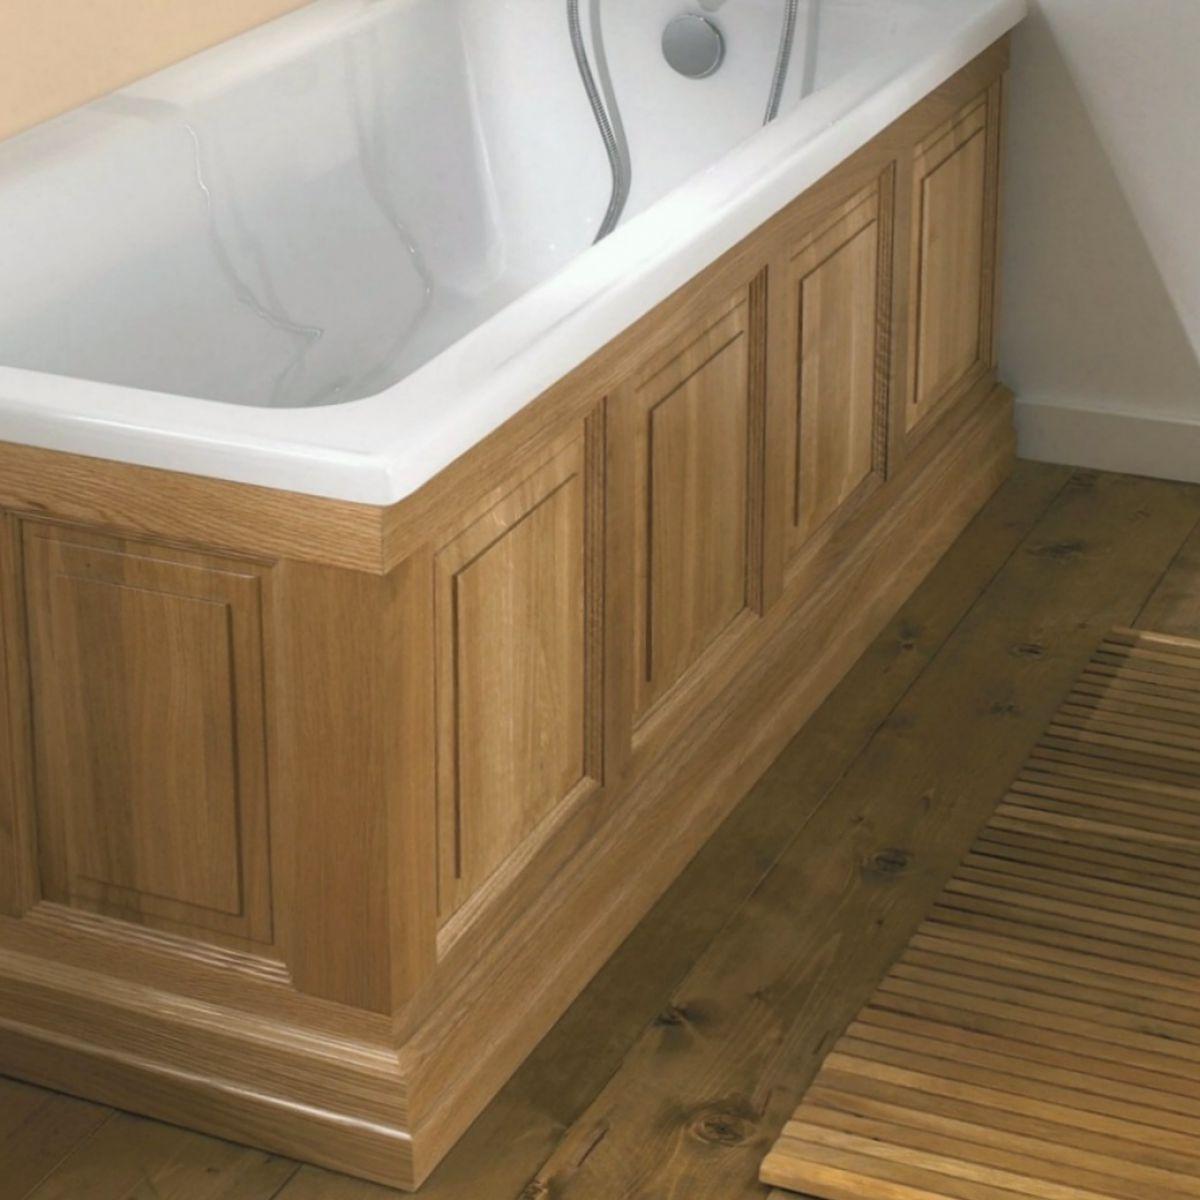 Imperial Bathrooms Raised & Fielded Bath Panels : UK Bathrooms